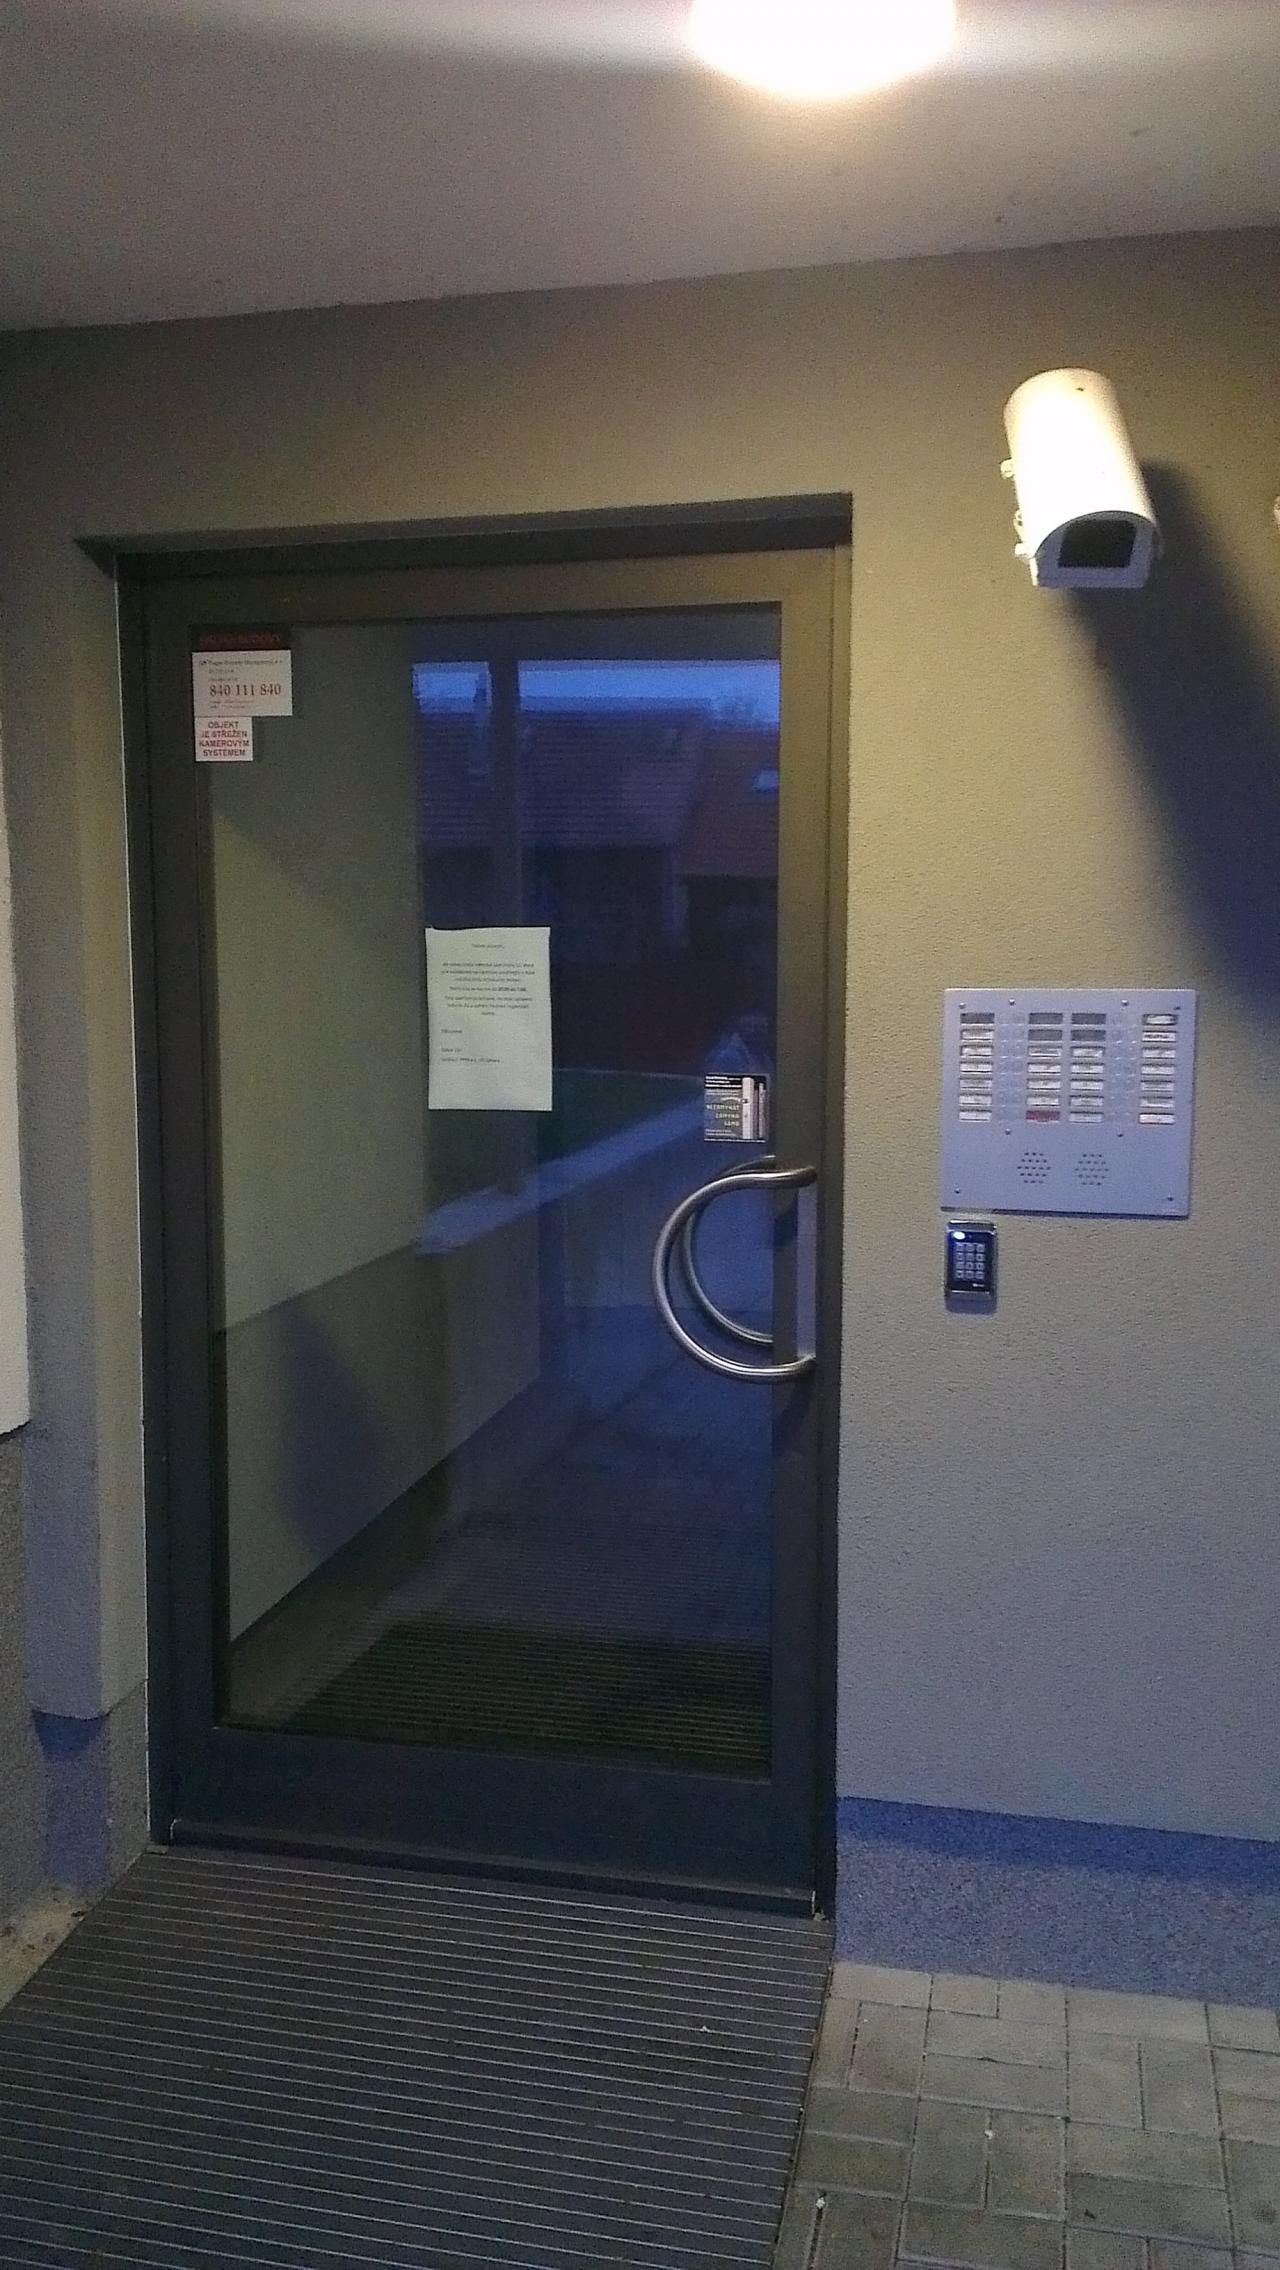 Hliníkové dveře - kamerový systém + Elektromagnetický zámek